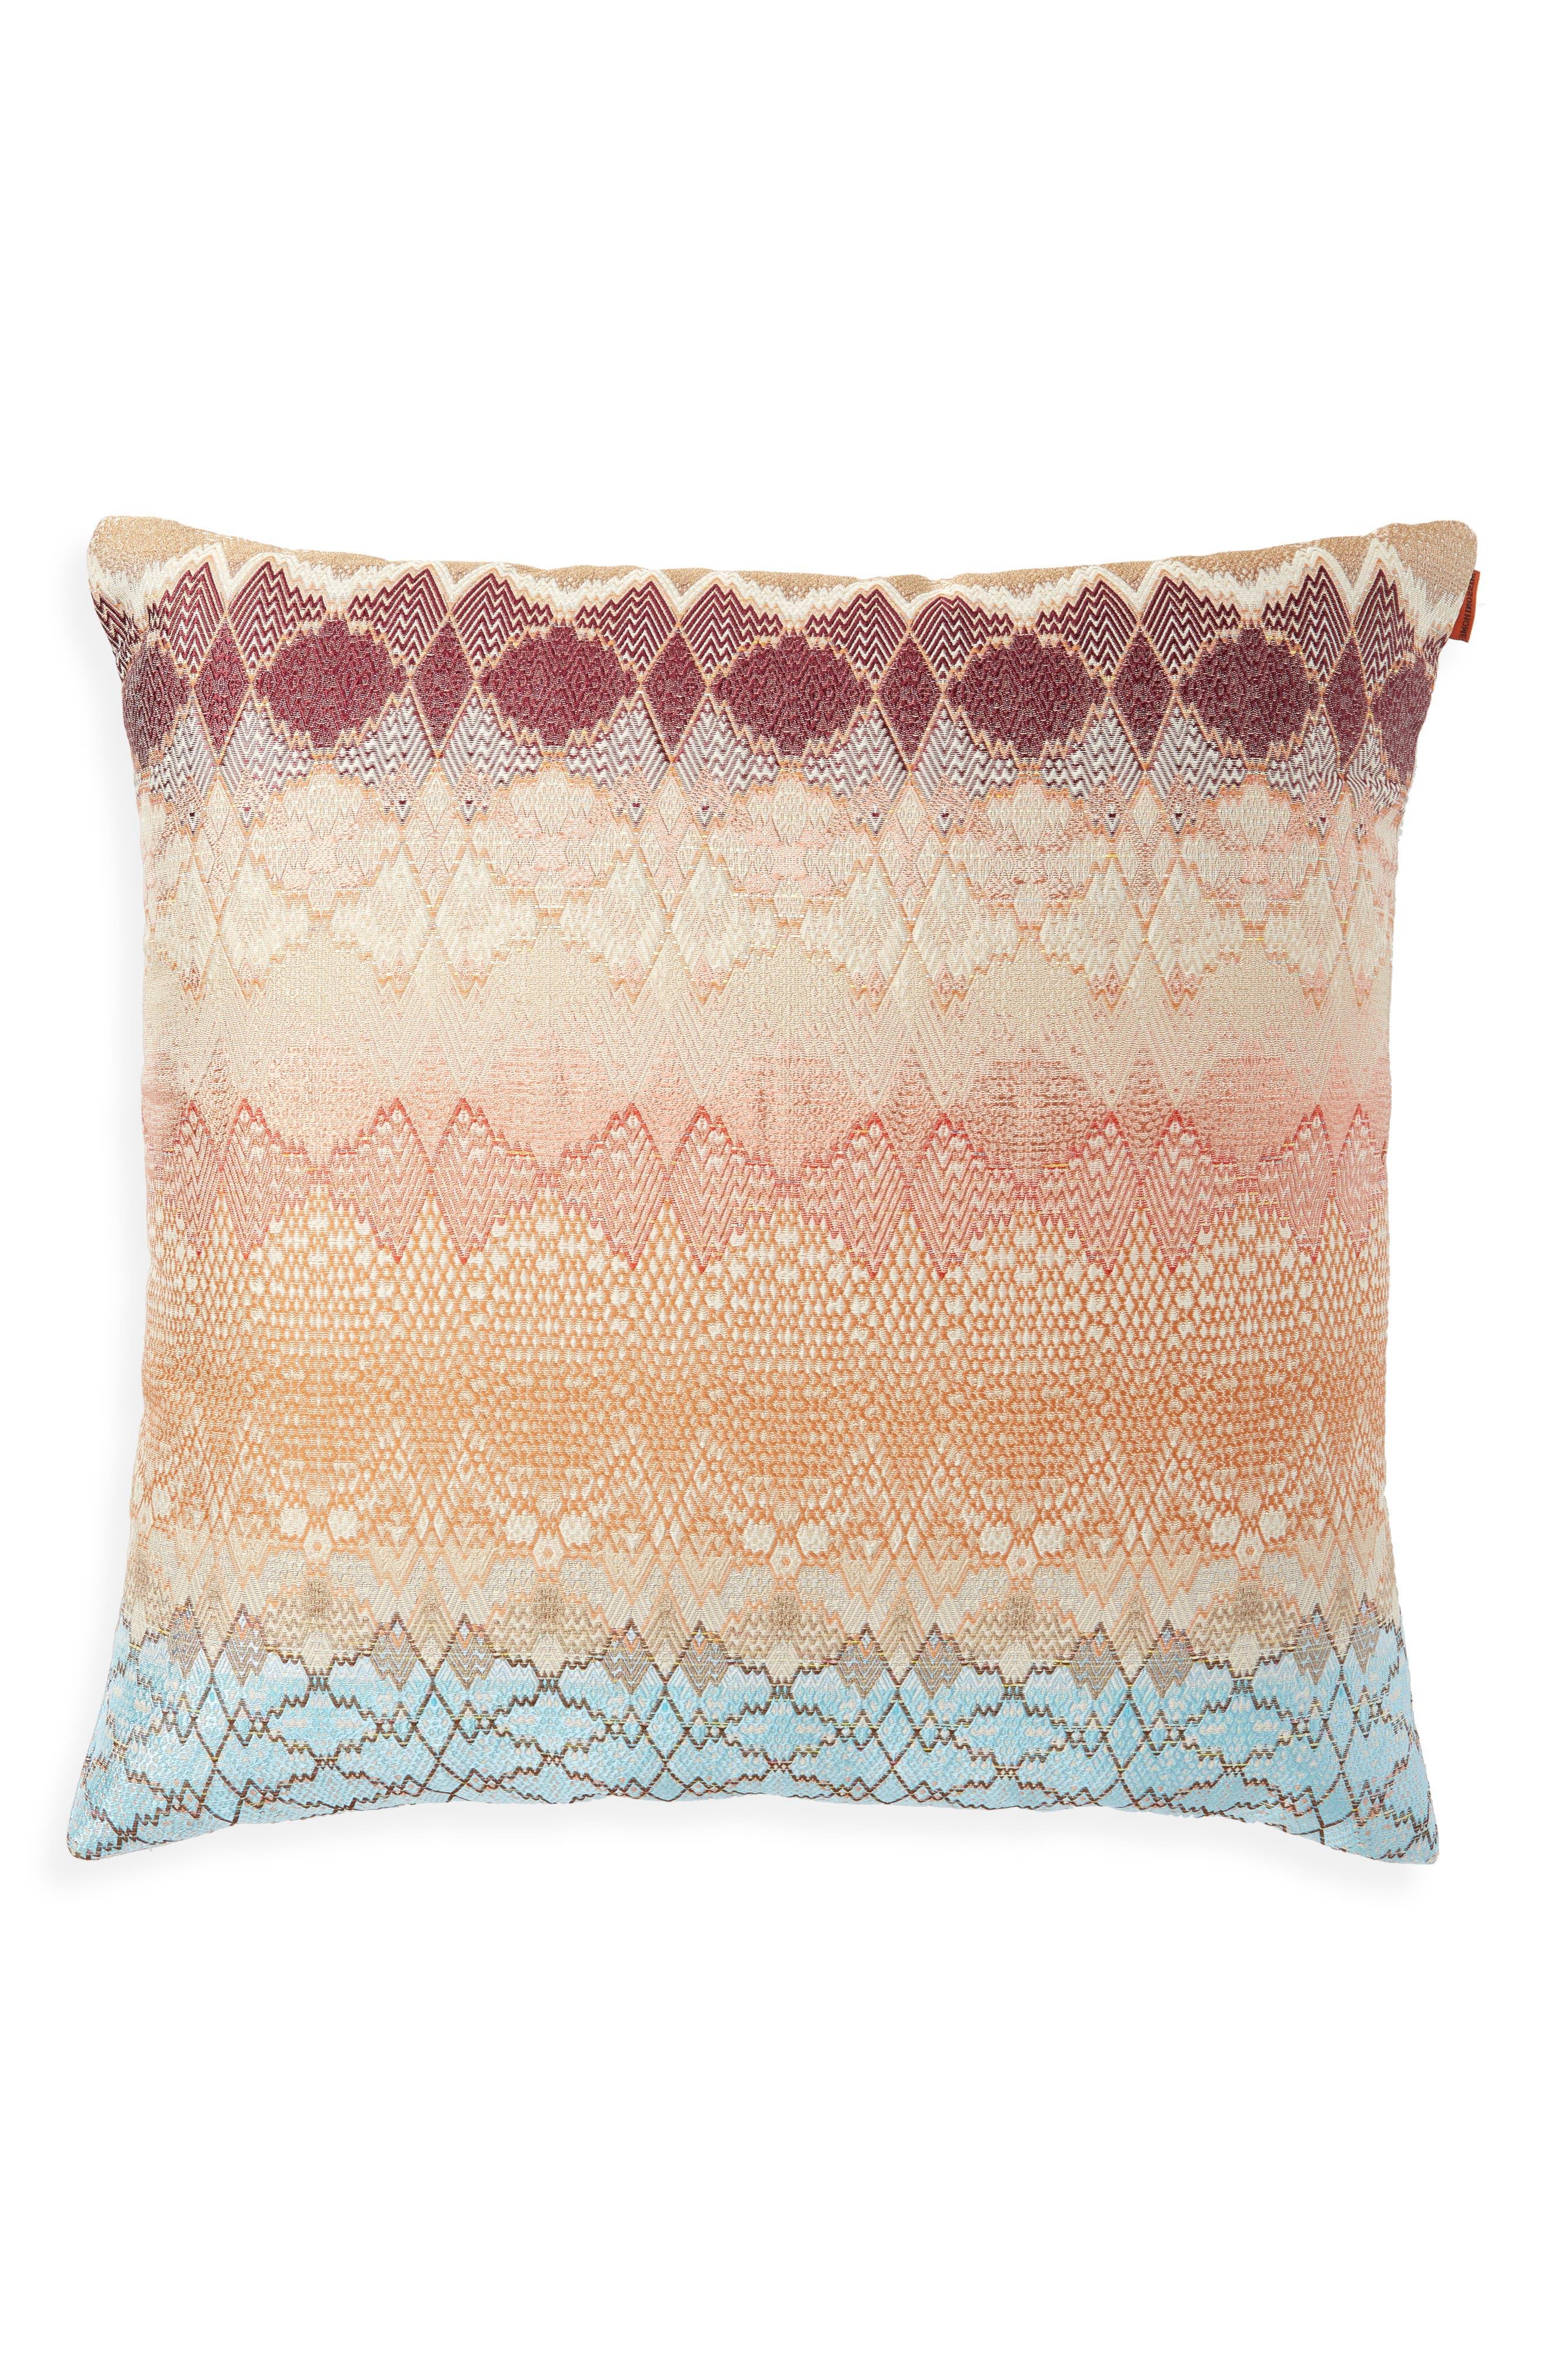 MISSONI,                             Tbilissi Accent Pillow,                             Alternate thumbnail 2, color,                             800